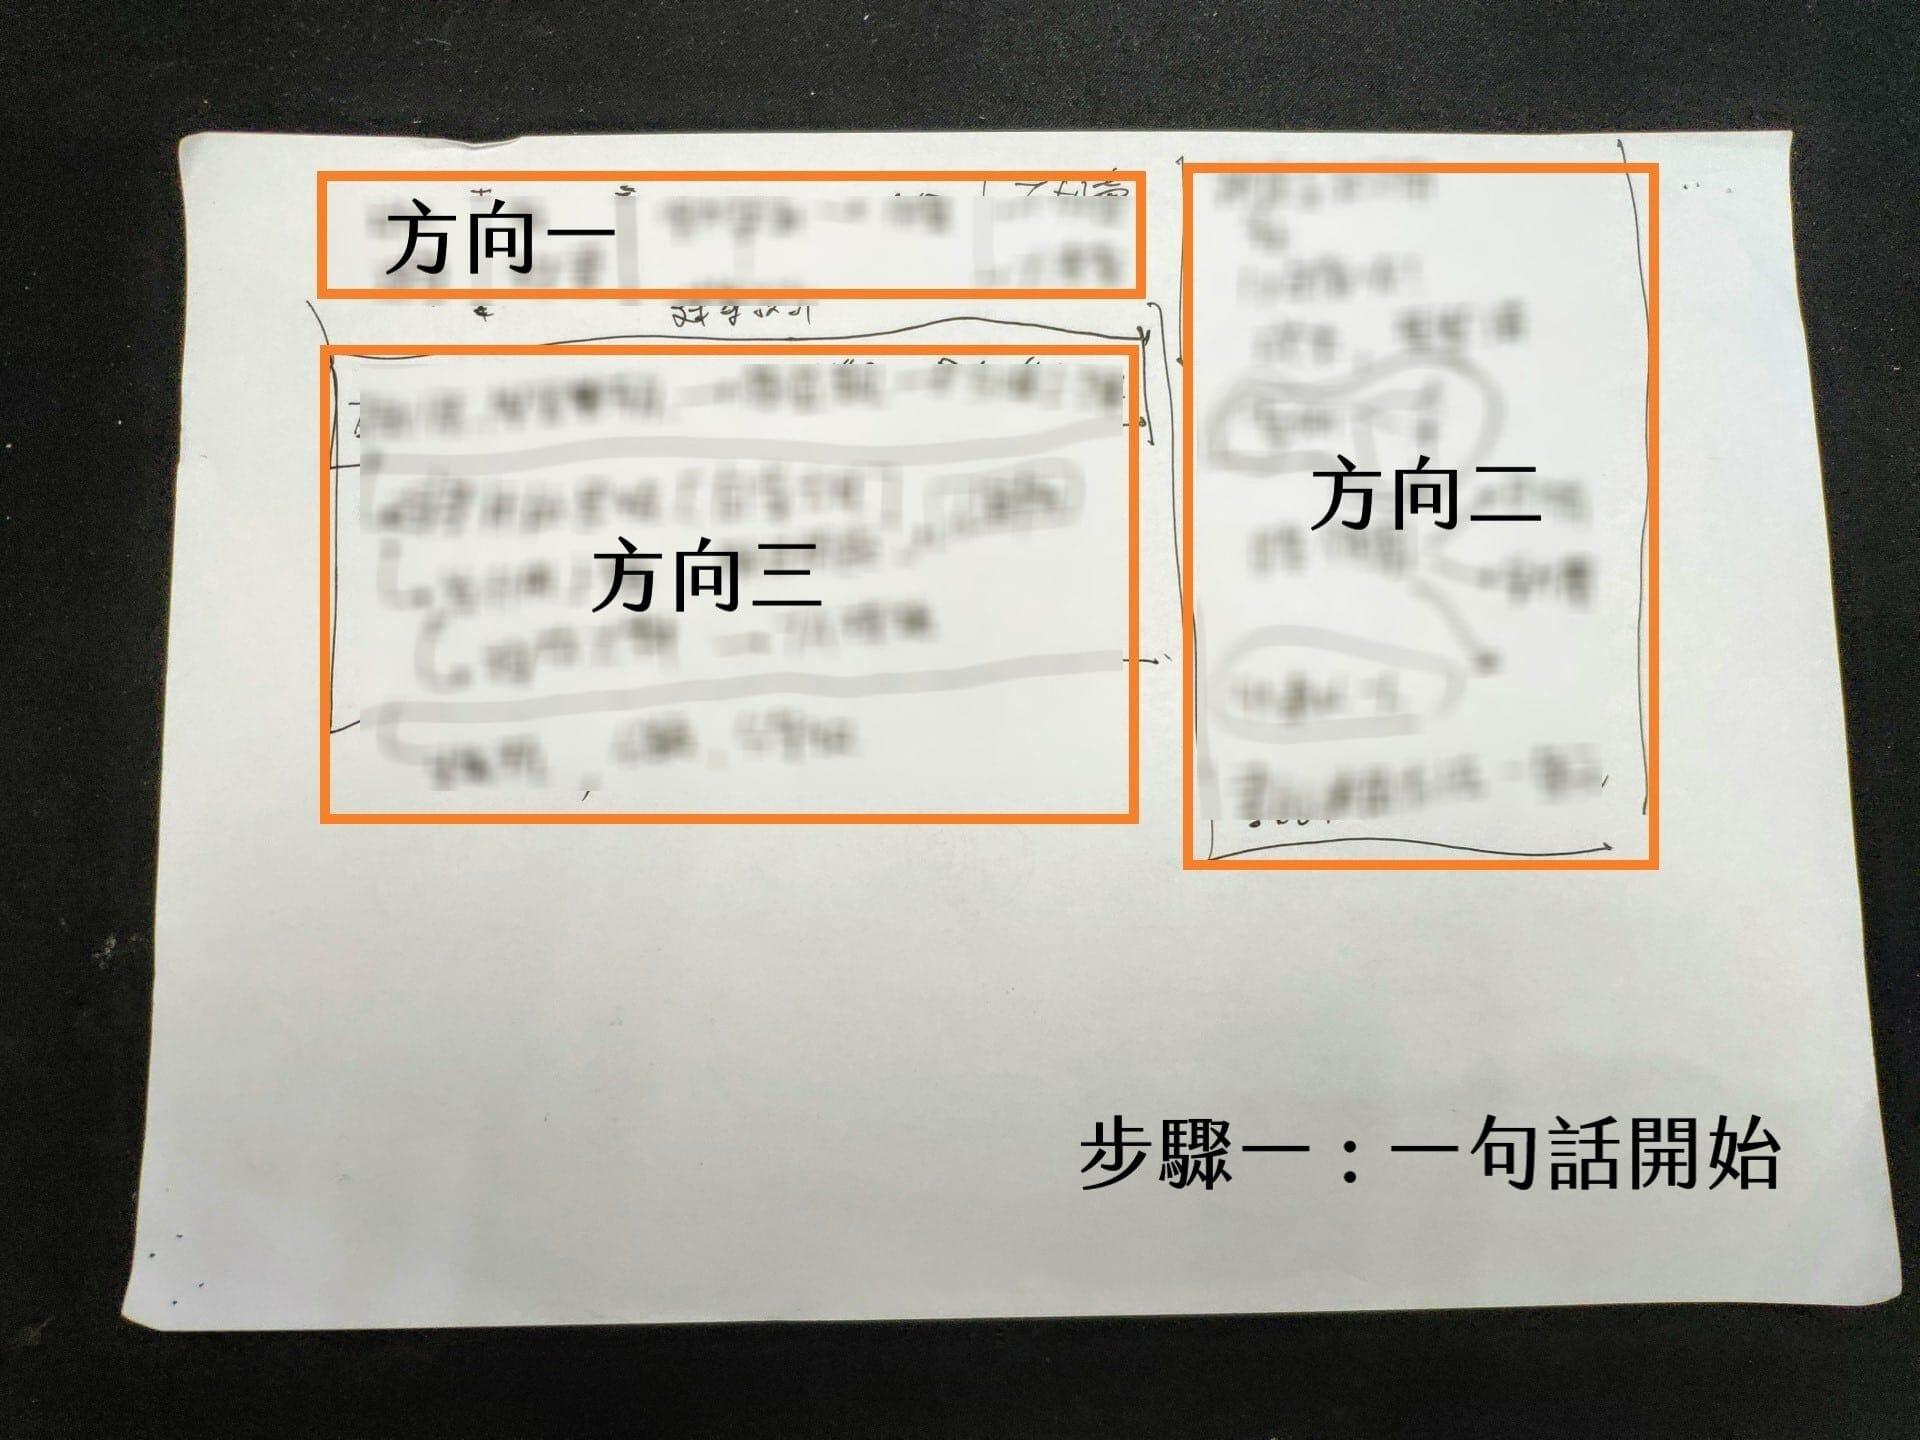 【嘉鴻筆記】關鍵字寫作紀錄 1